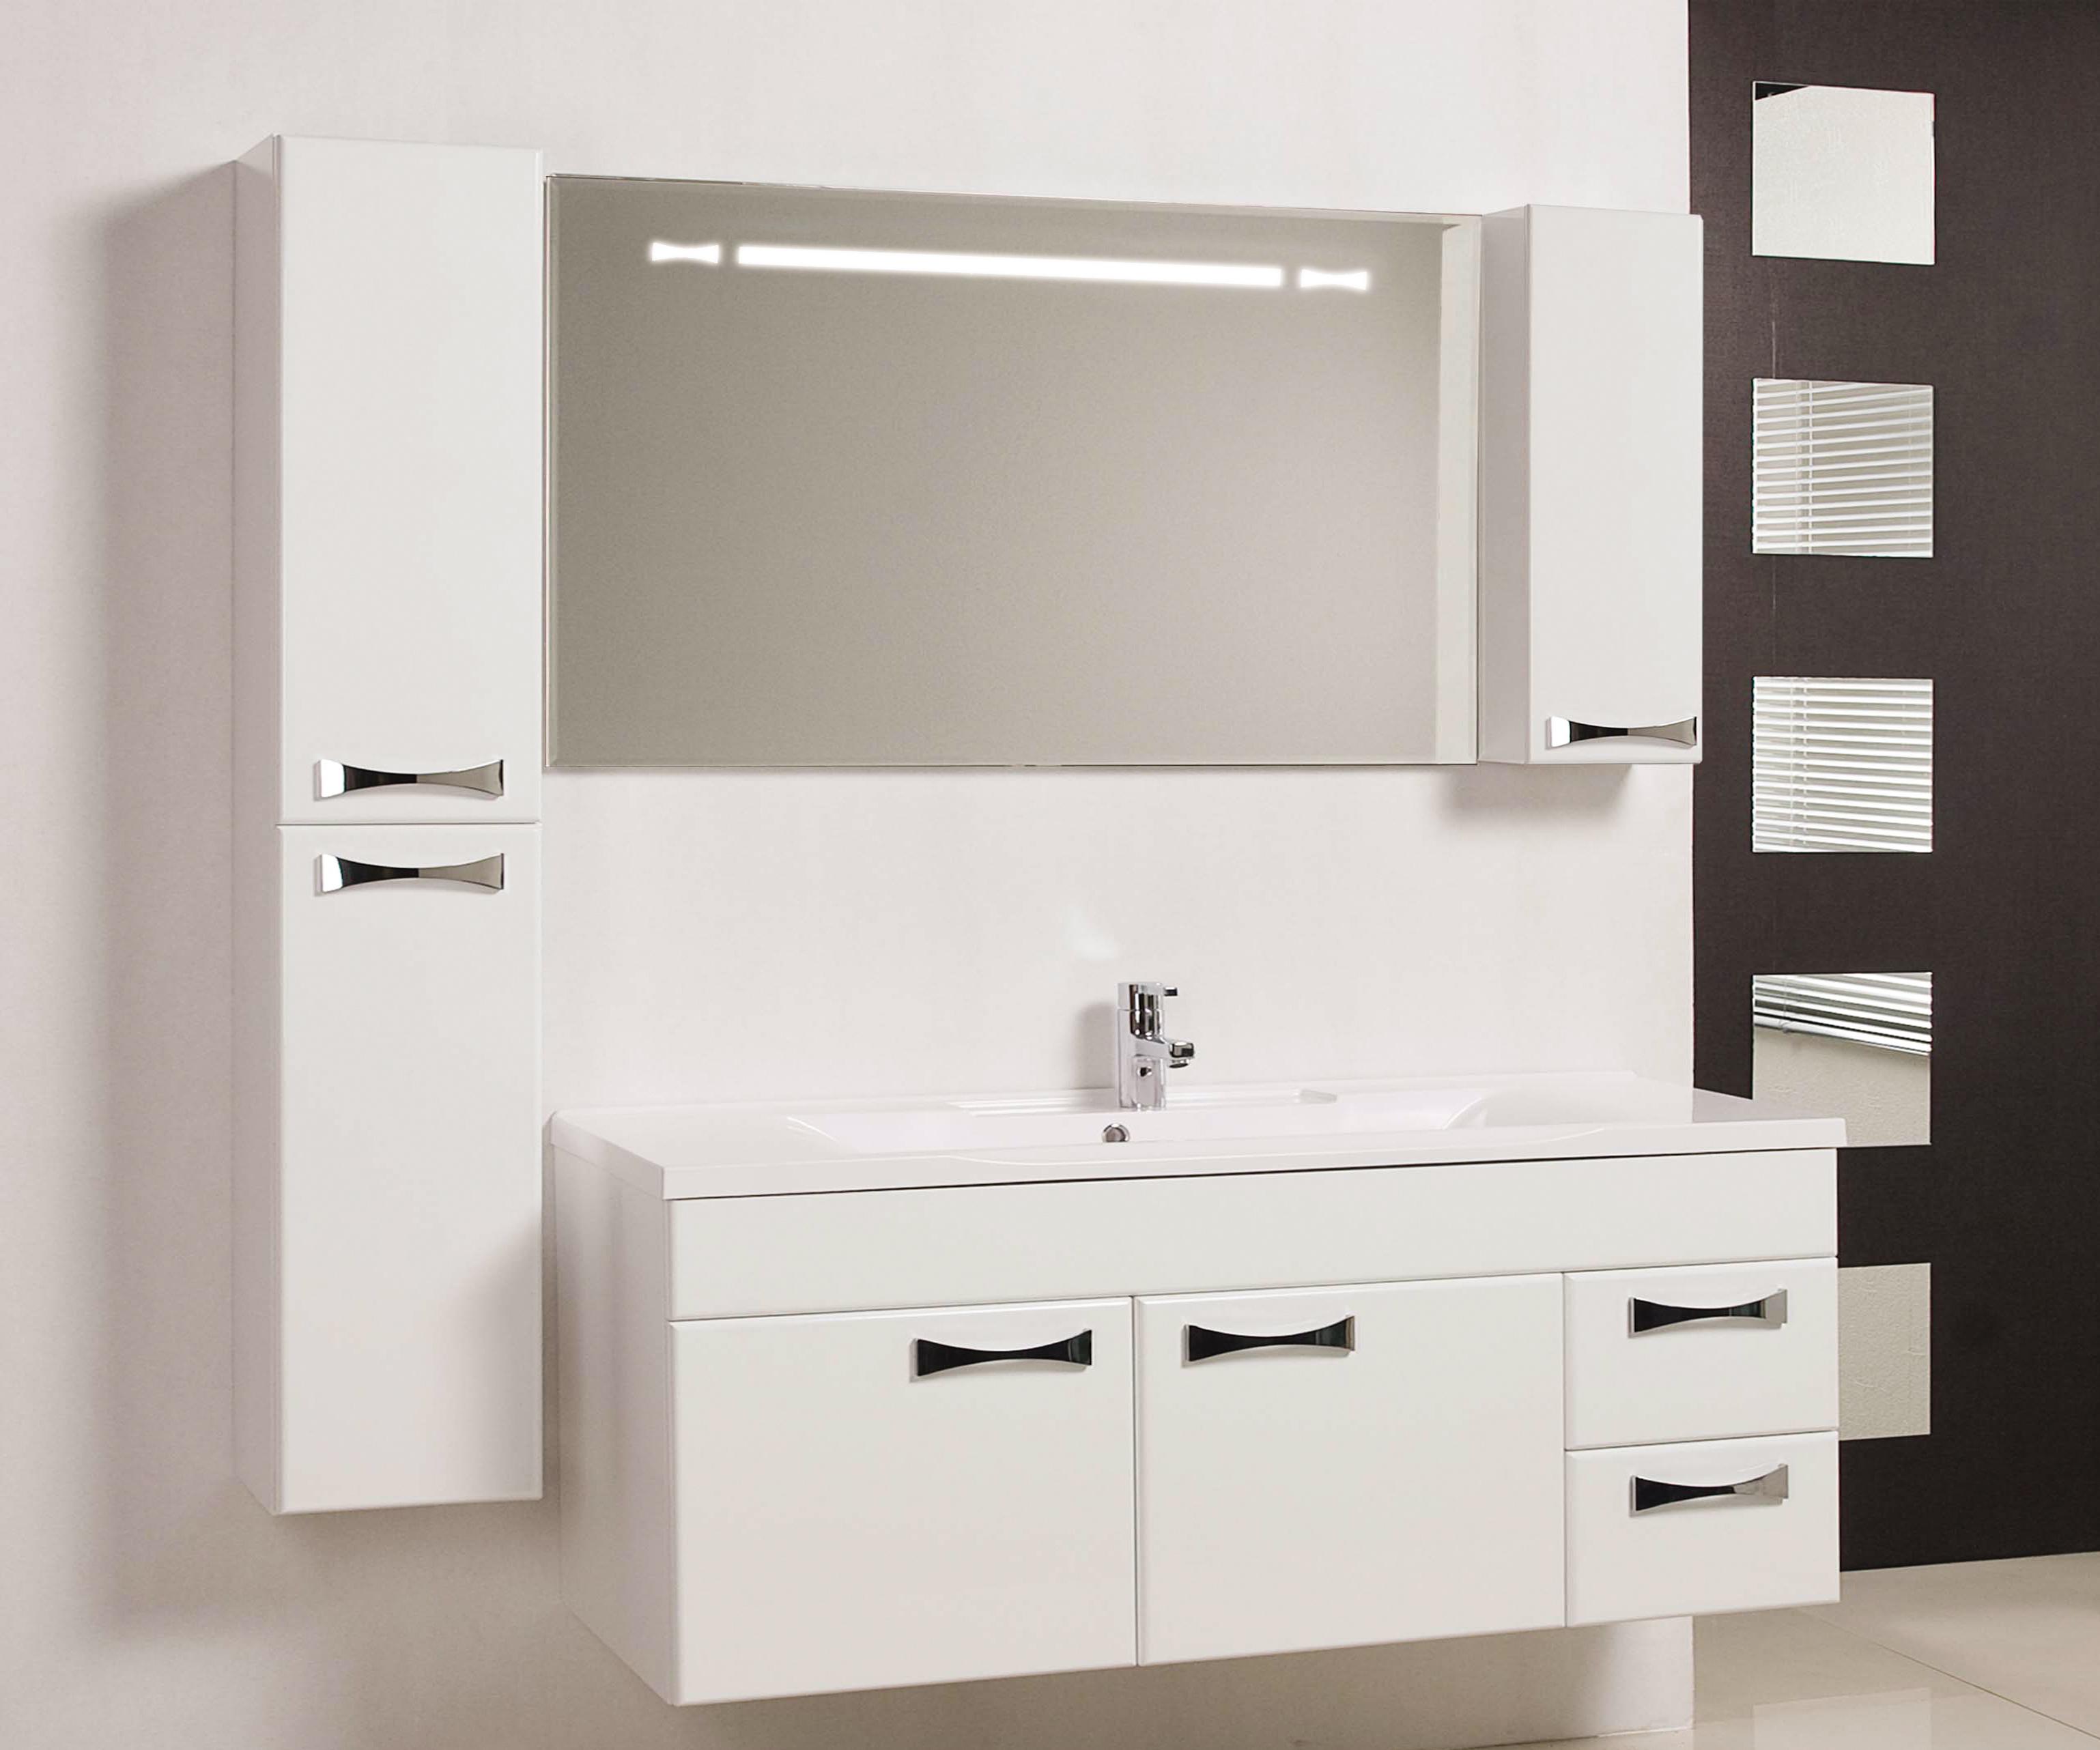 Фото 499: Зеркало шкаф Акватон ДИОР 120 белый 1A110702DR01R